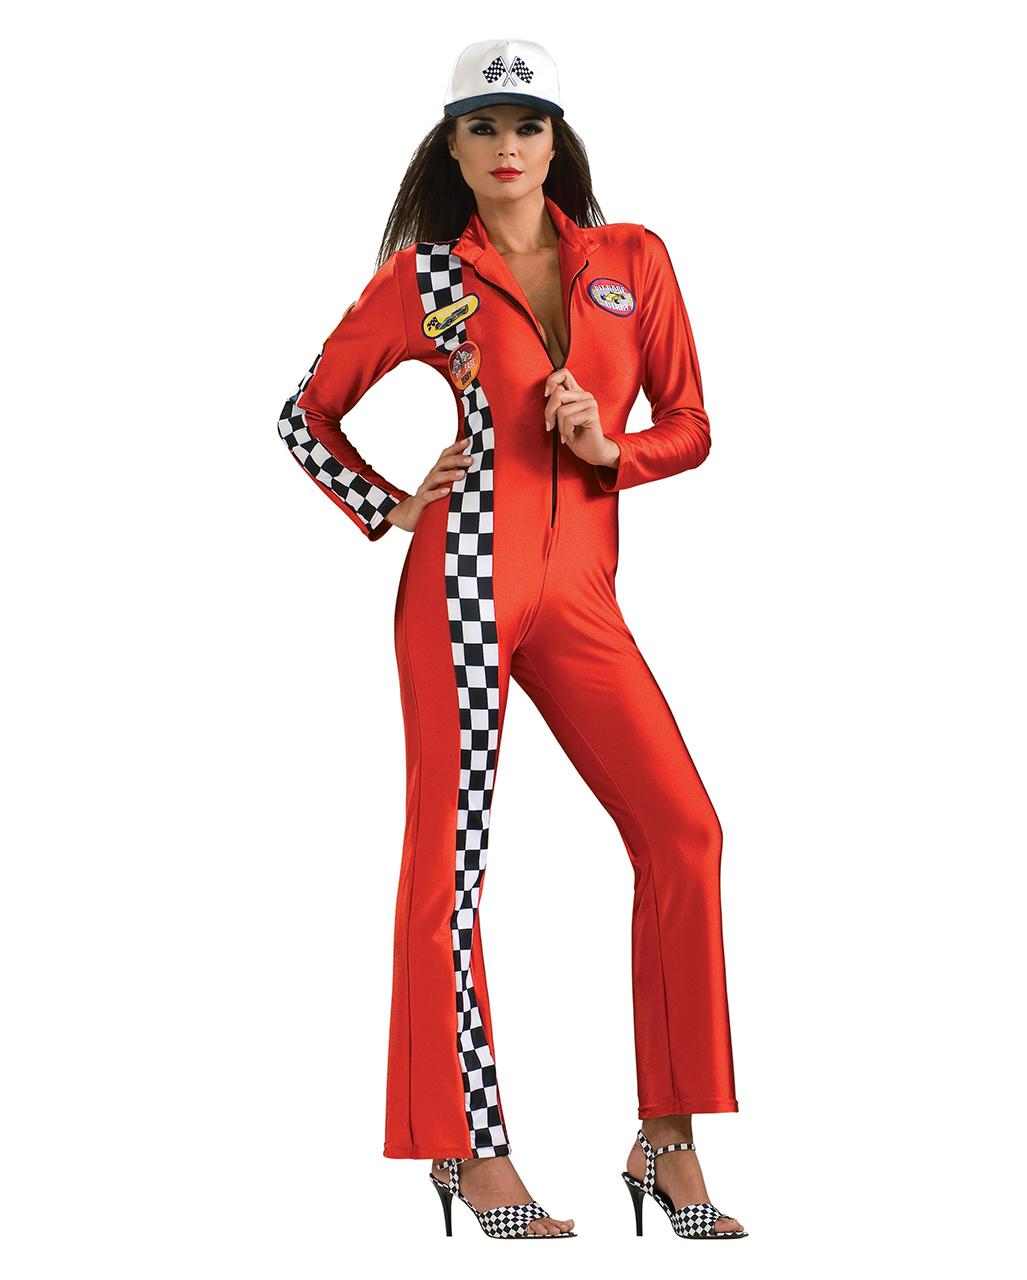 großhandel online Top-Mode Billiger Preis Sexy Rennfahrerin Kostüm rot